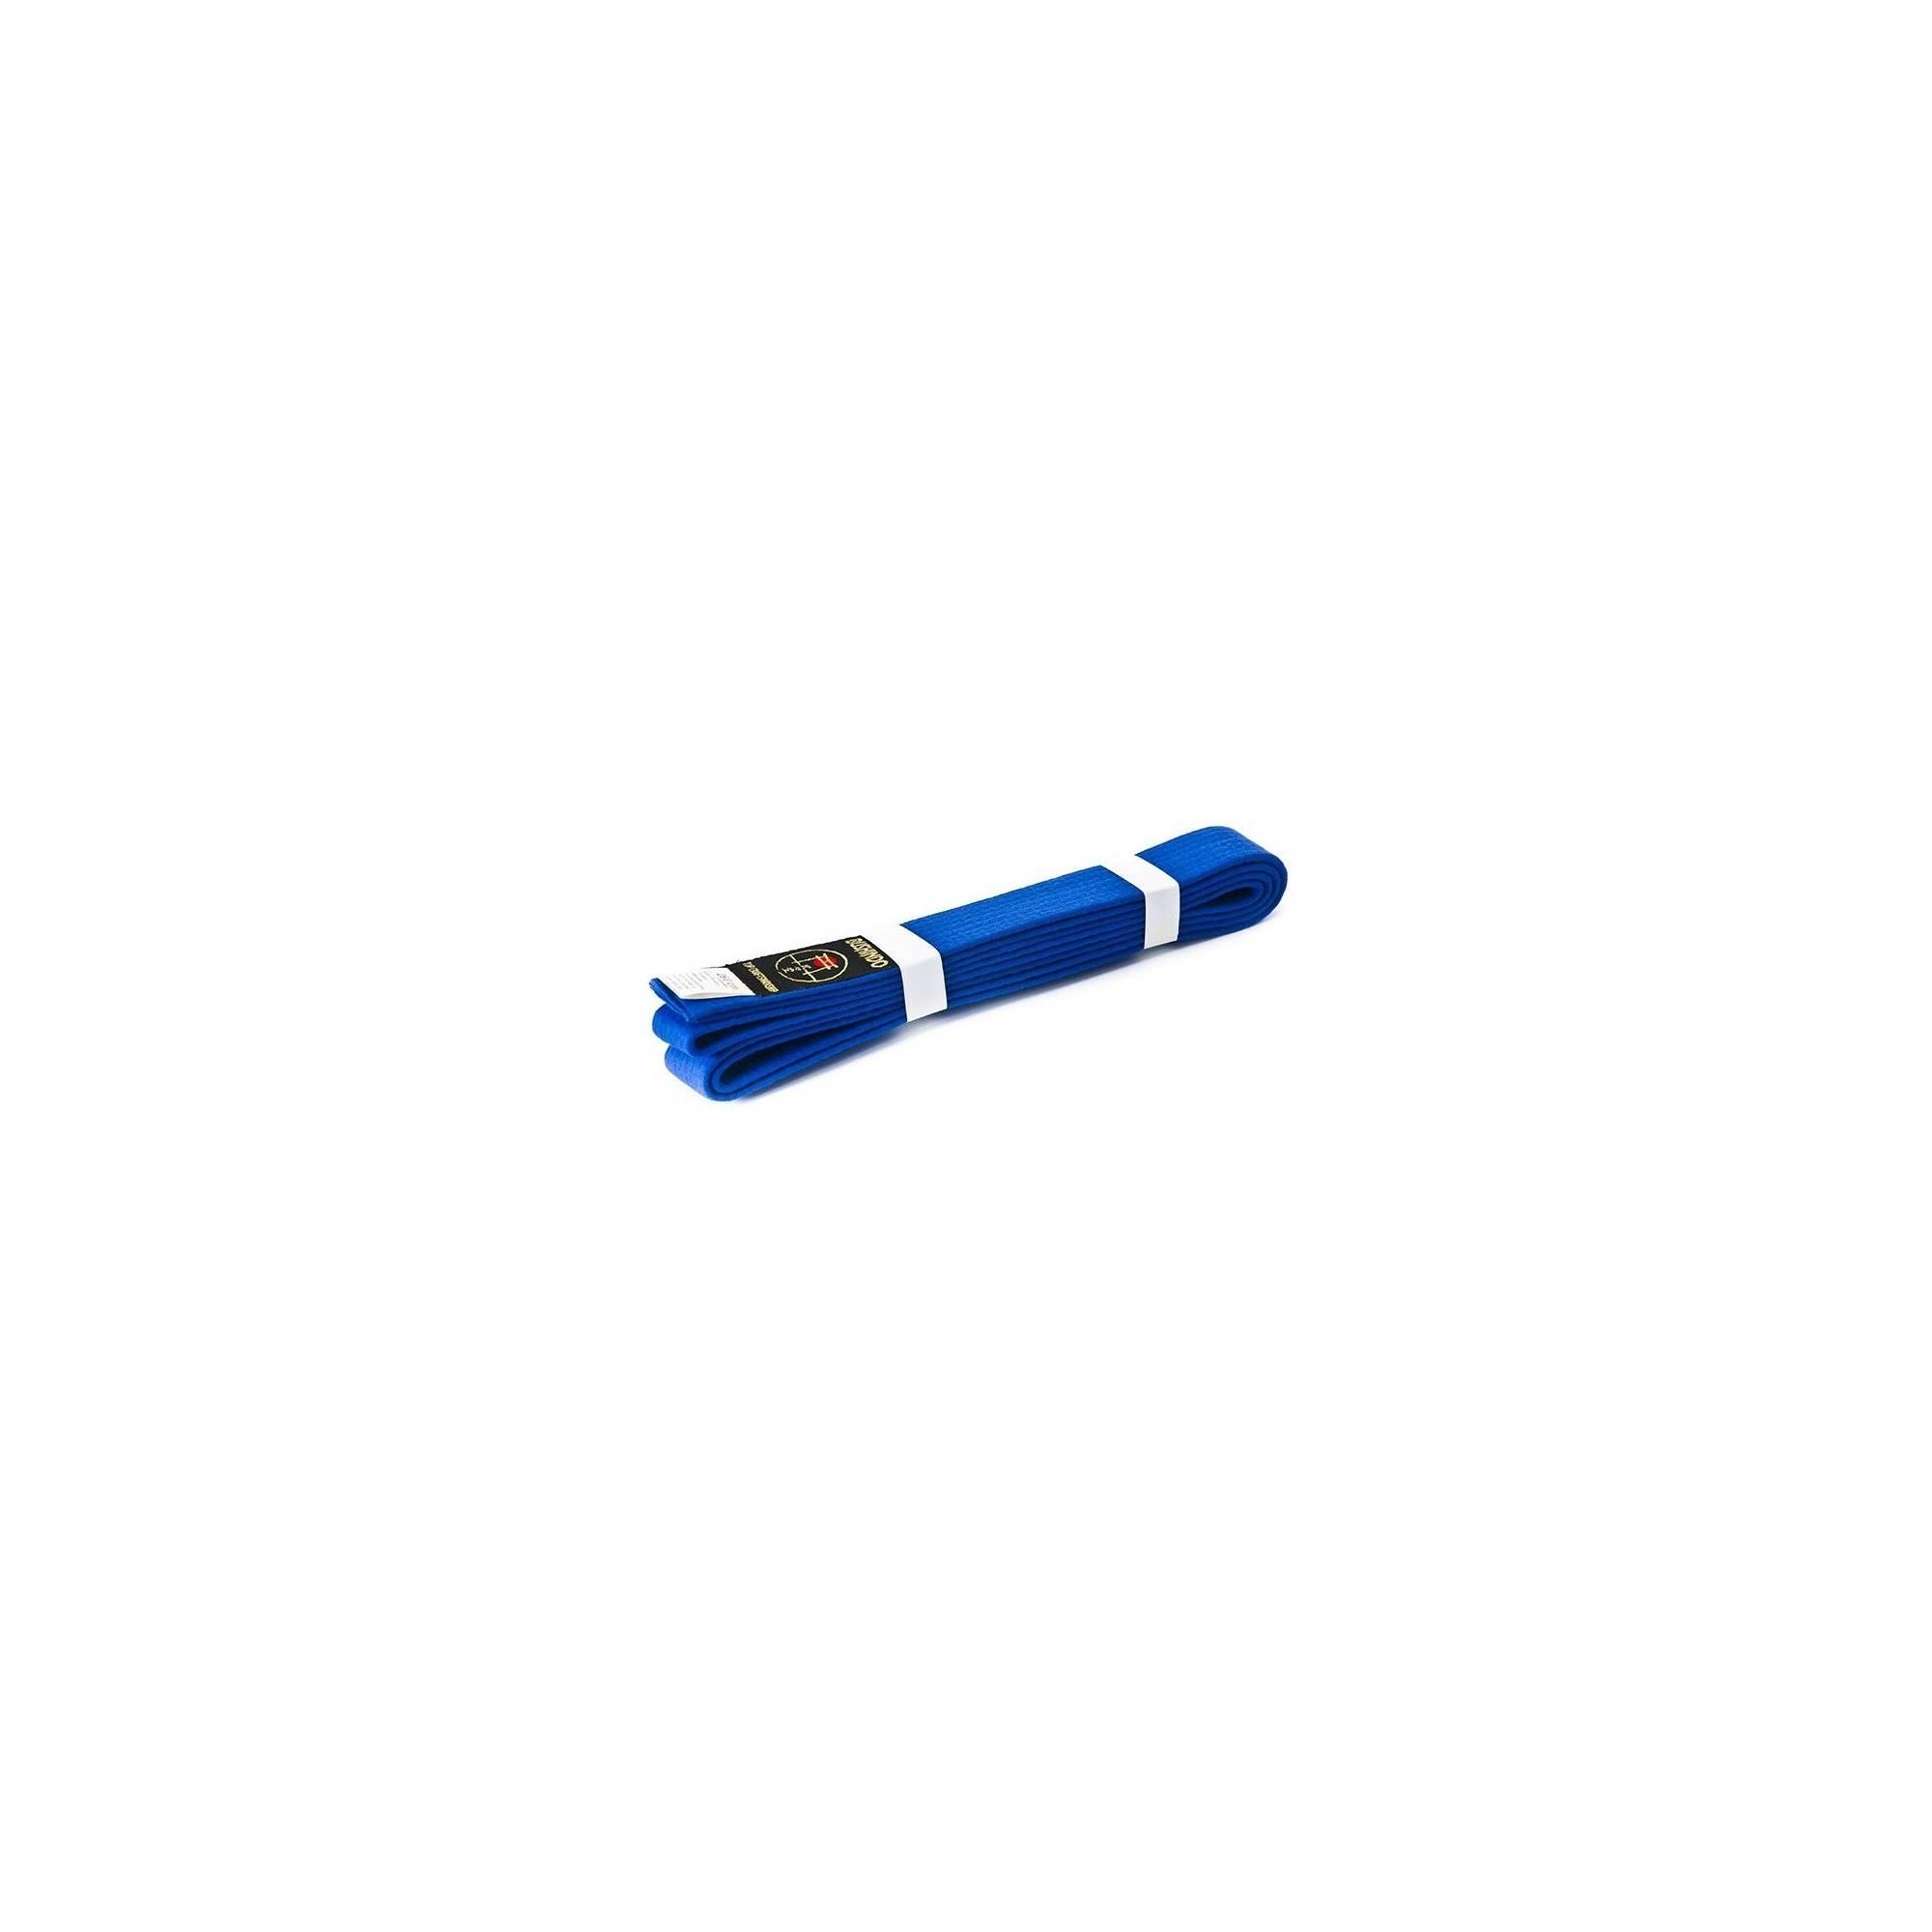 Pas do kimona Bushindo | niebieski | długość 220cm - 300cm Bushindo - 1 | klubfitness.pl | sprzęt sportowy sport equipment